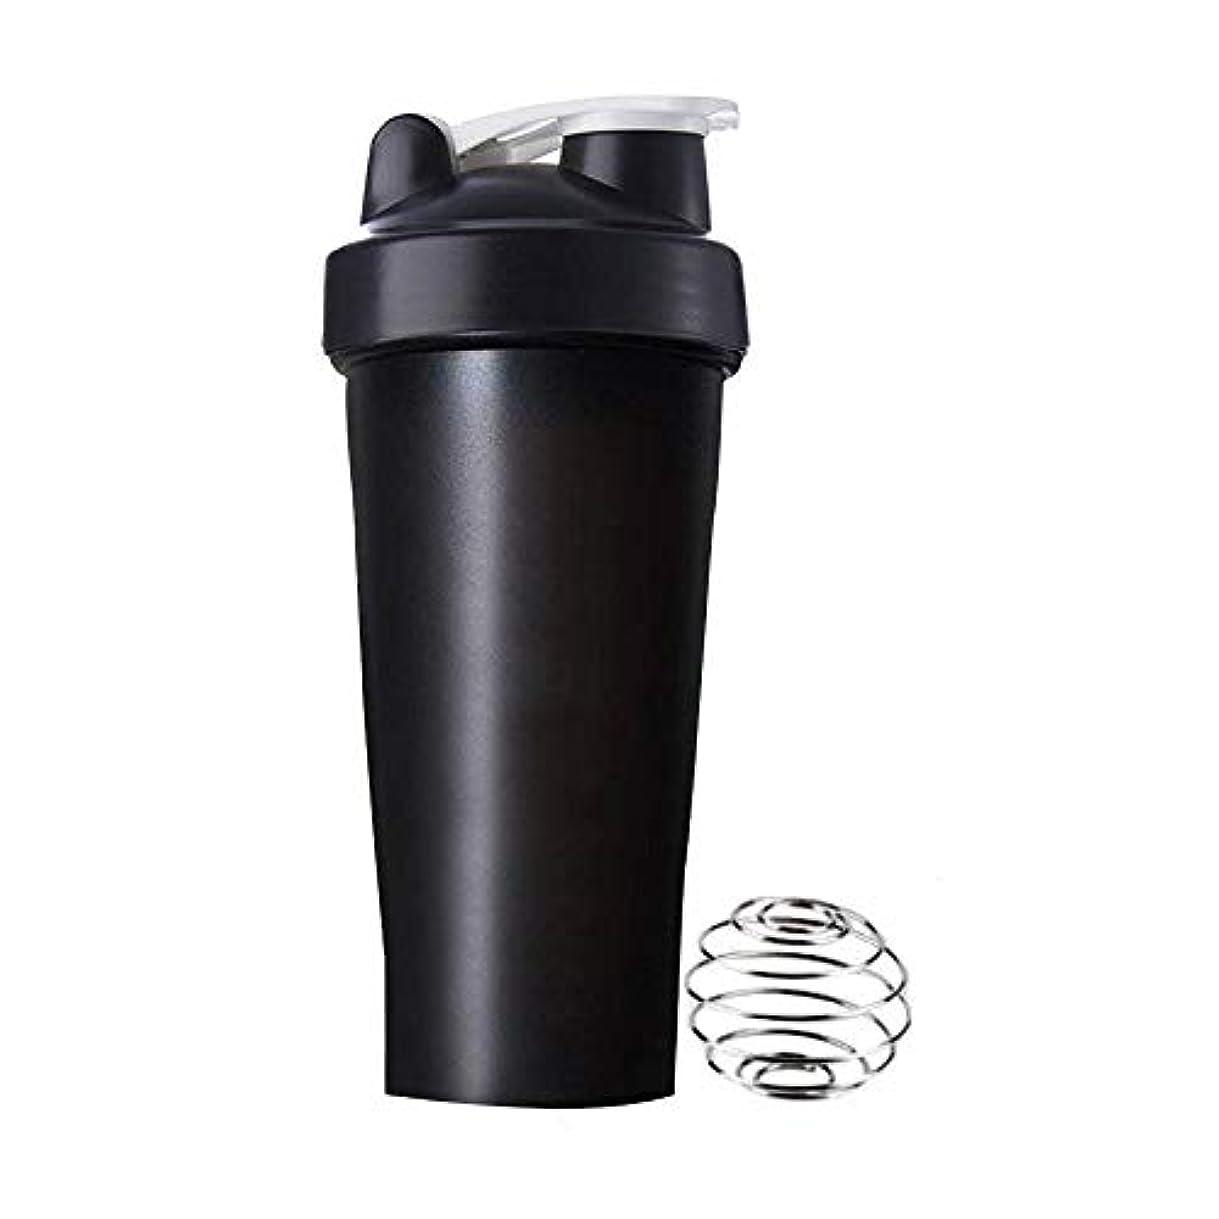 抜粋ずんぐりした内なるgundoop プロテインシェイカー 直飲み プラスチックウォーターボトル ジム シェーカーボトル 600ml